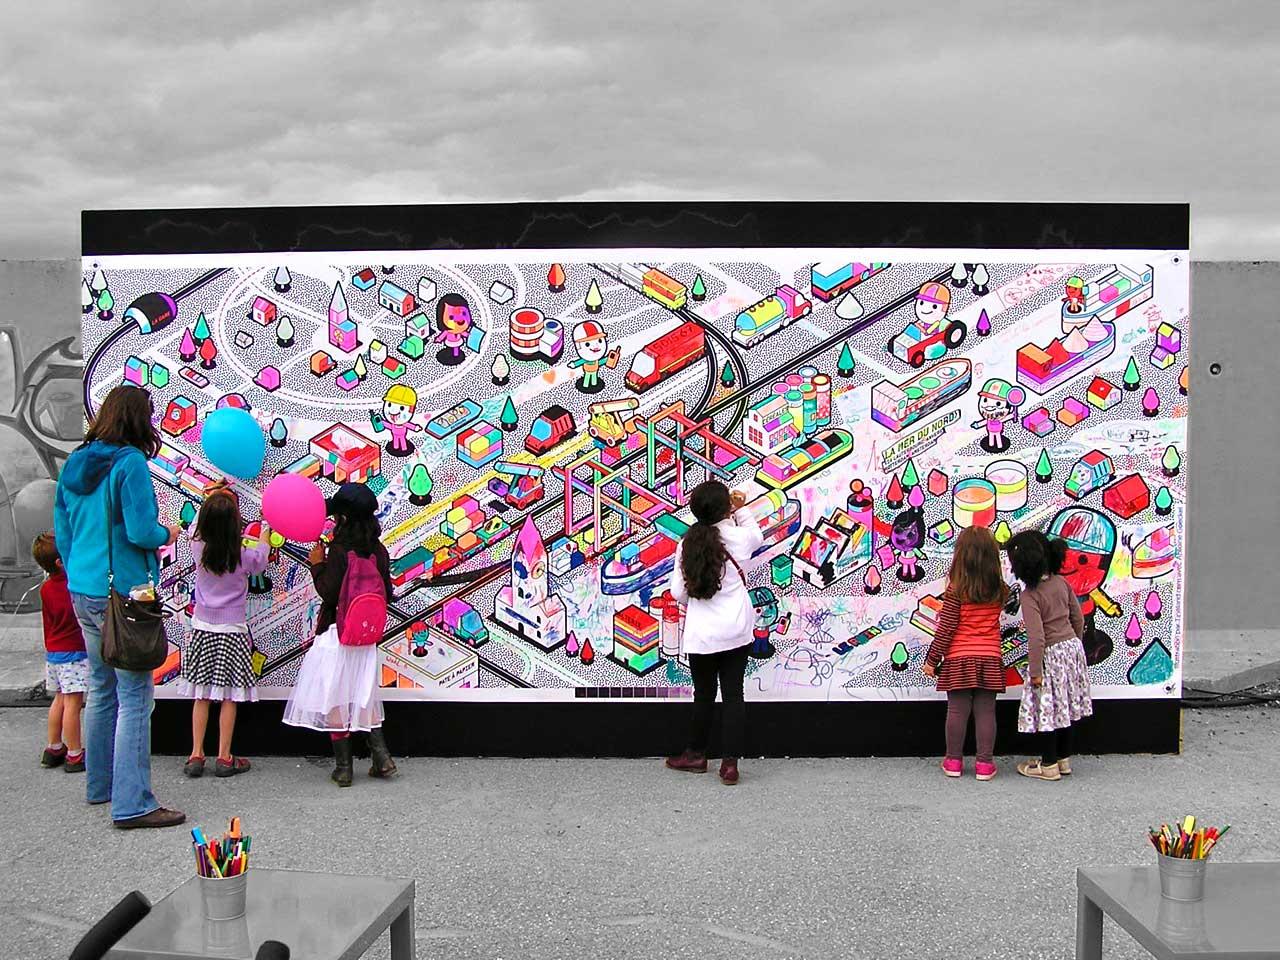 Fresque à colorier pour le Port autonome de Strasbourg